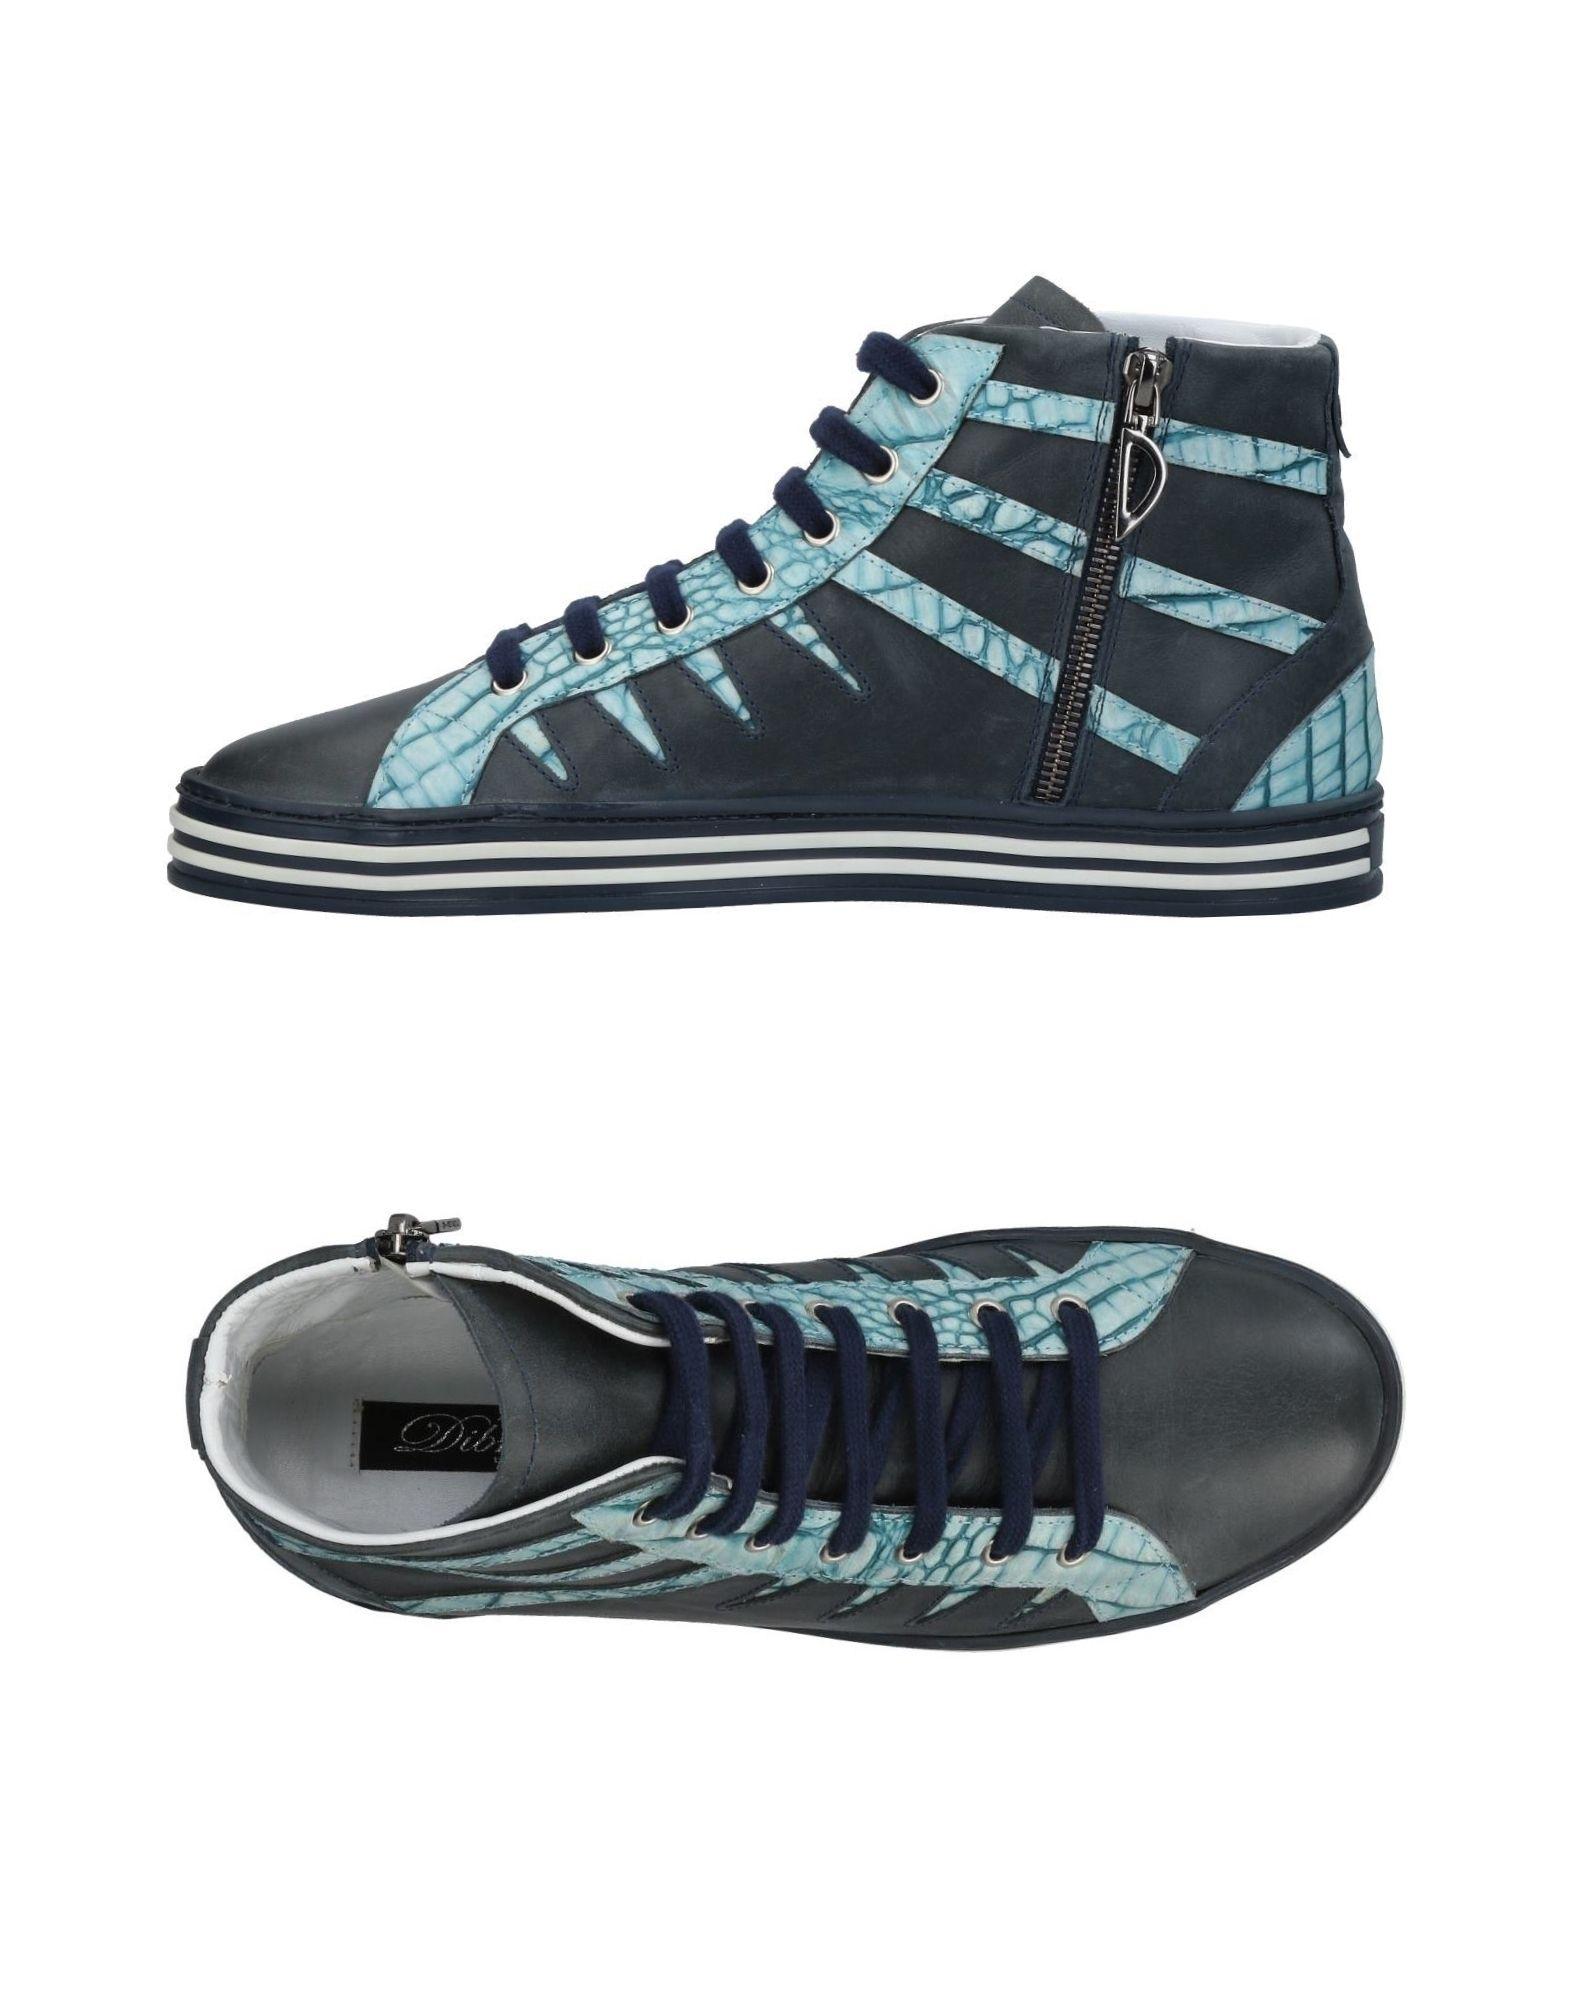 DIBRERA BY PAOLO ZANOLI Высокие кеды и кроссовки am pm by bottega backdoor высокие кеды и кроссовки